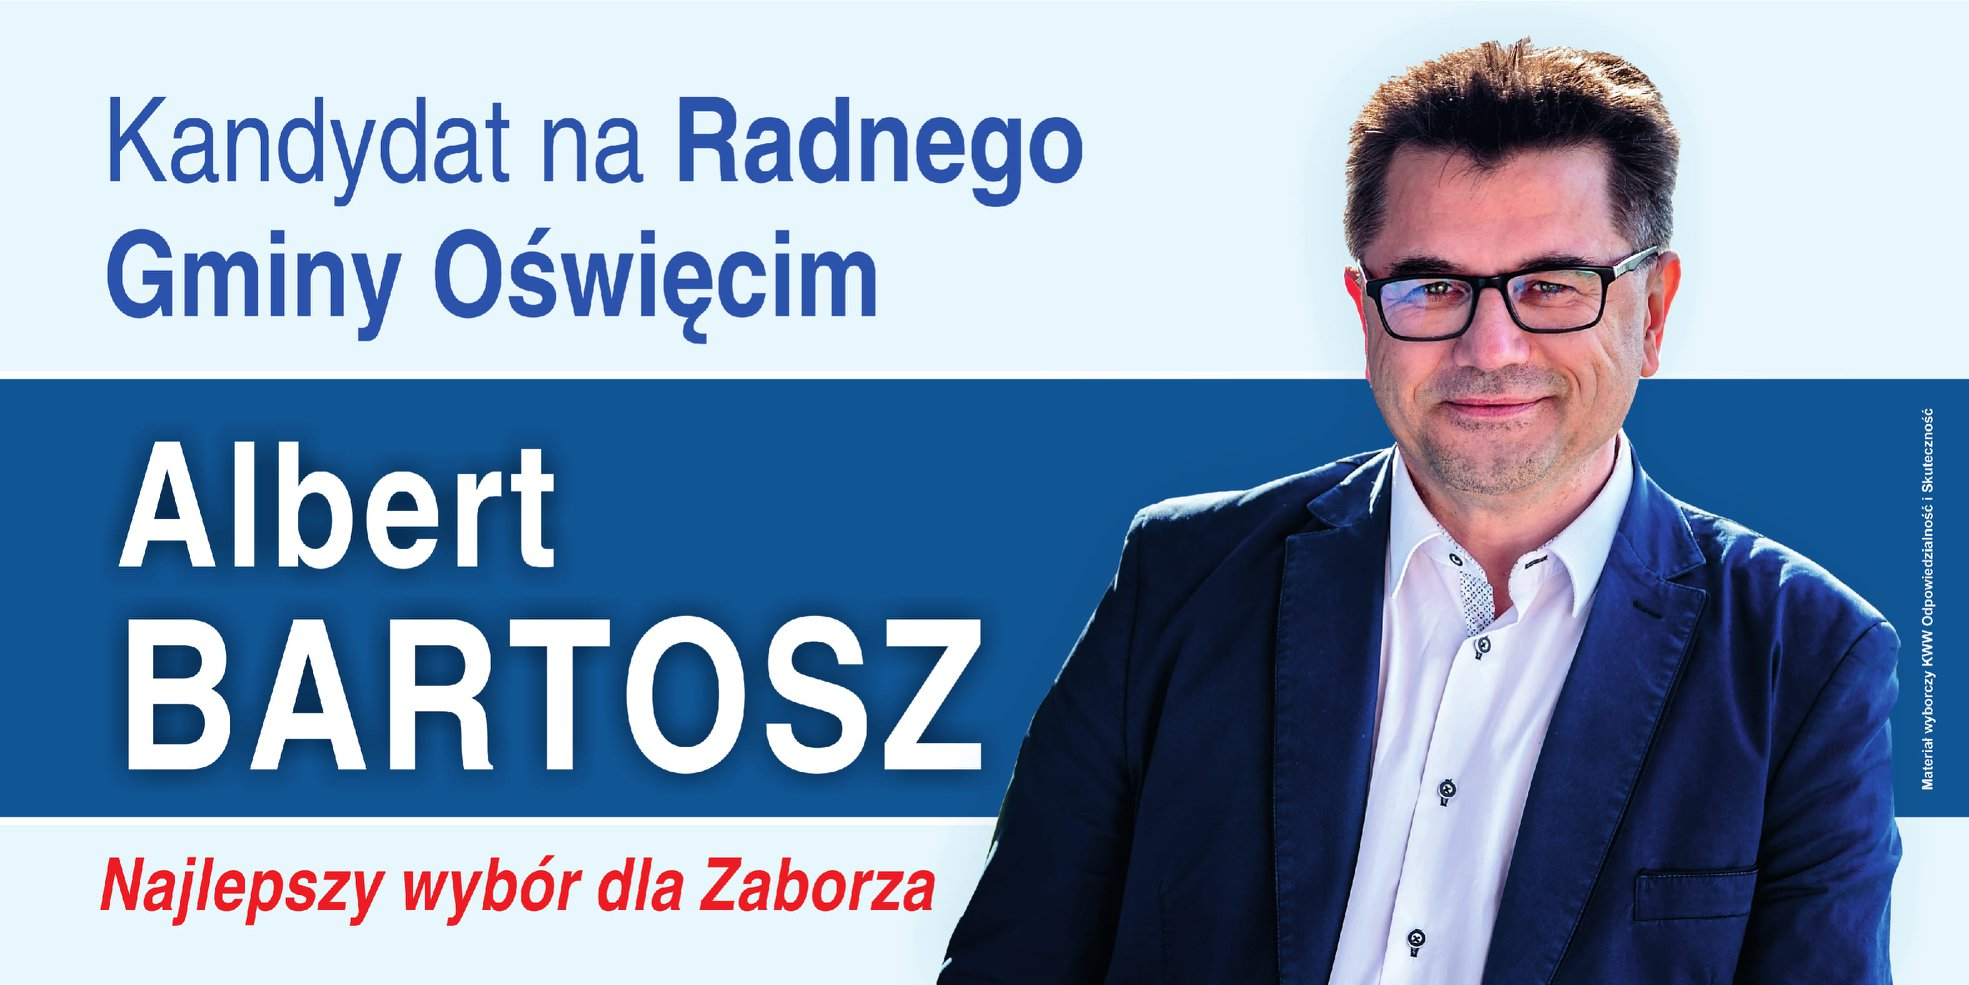 WYBORY. Wójt Bartosz kandyduje na radnego. Stwierdził, że pod jego rządami gmina rozwija się najlepiej w historii!